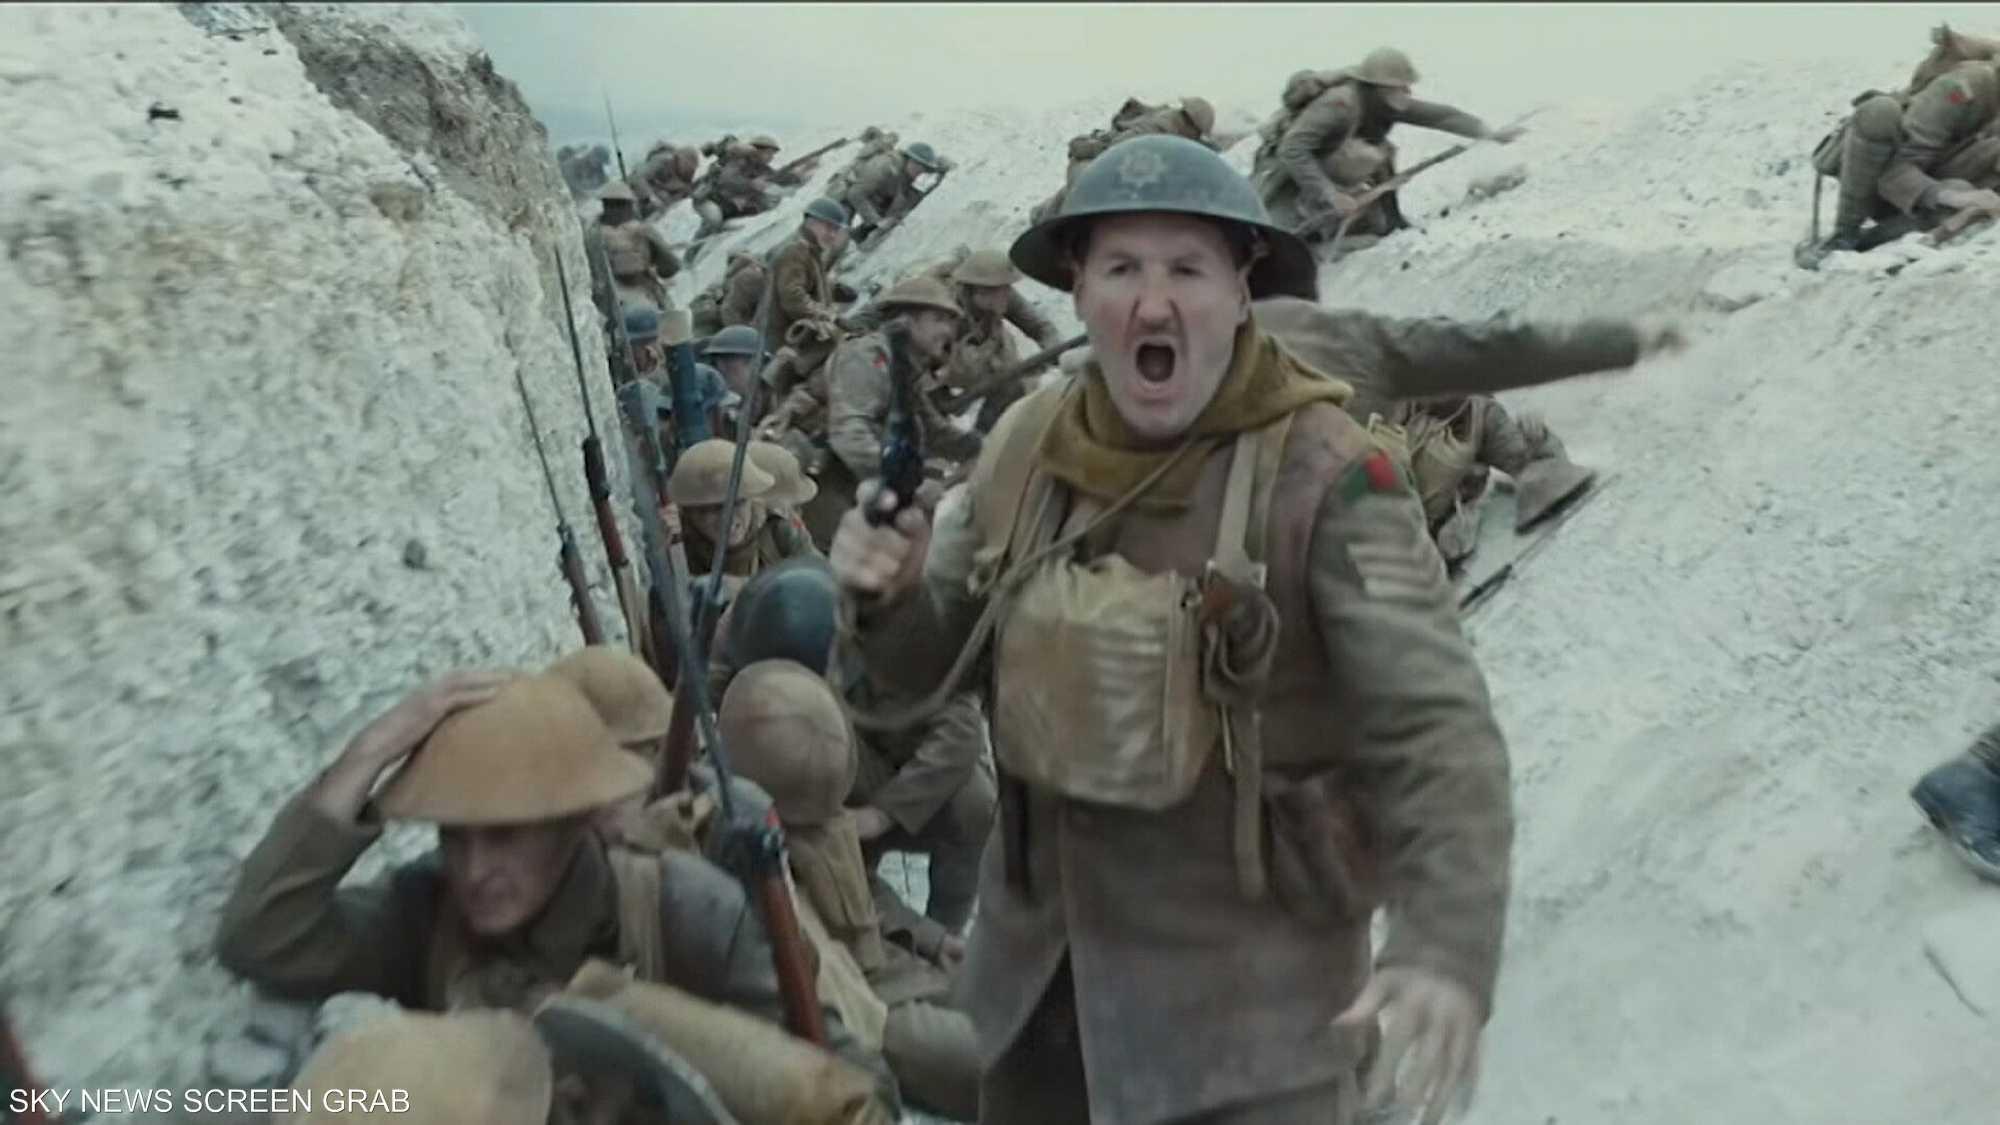 فيلم 1917 يحقق 100 مليون دولار منذ طرحه